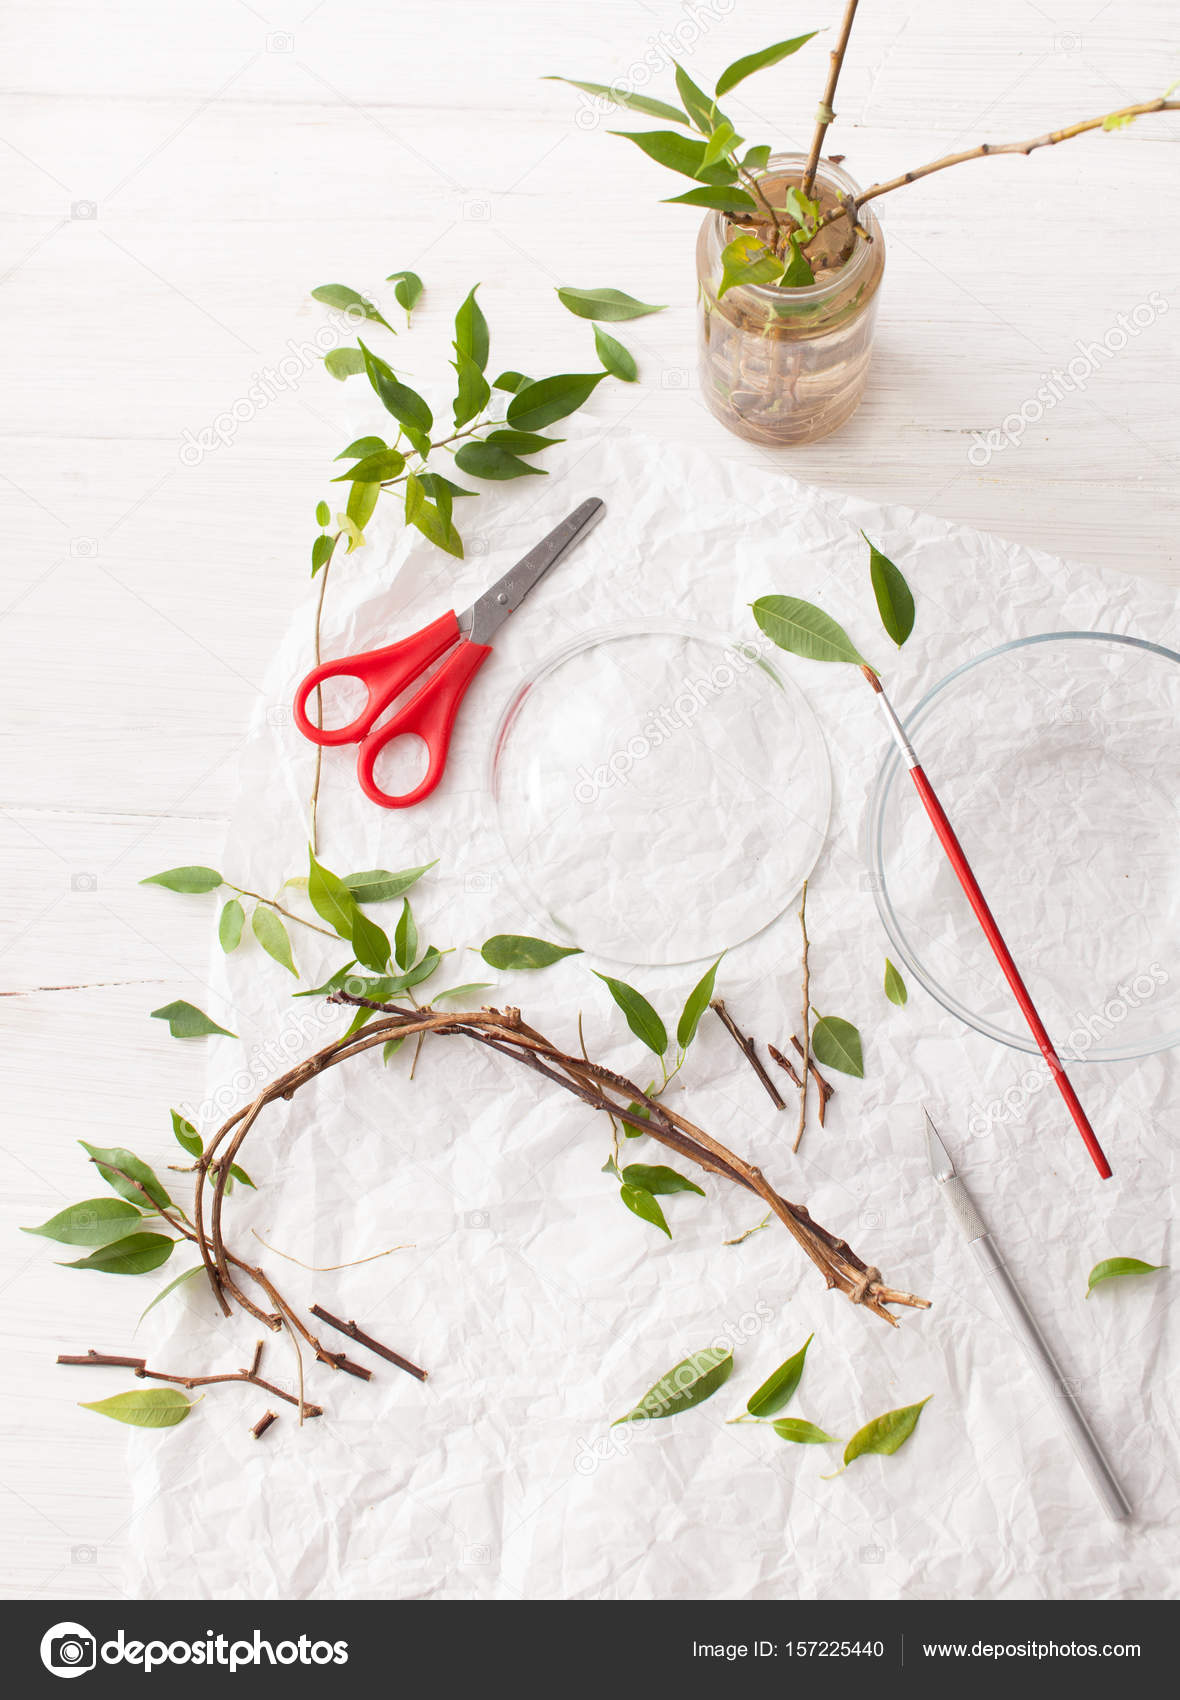 Doğal malzemeden basit el işleri